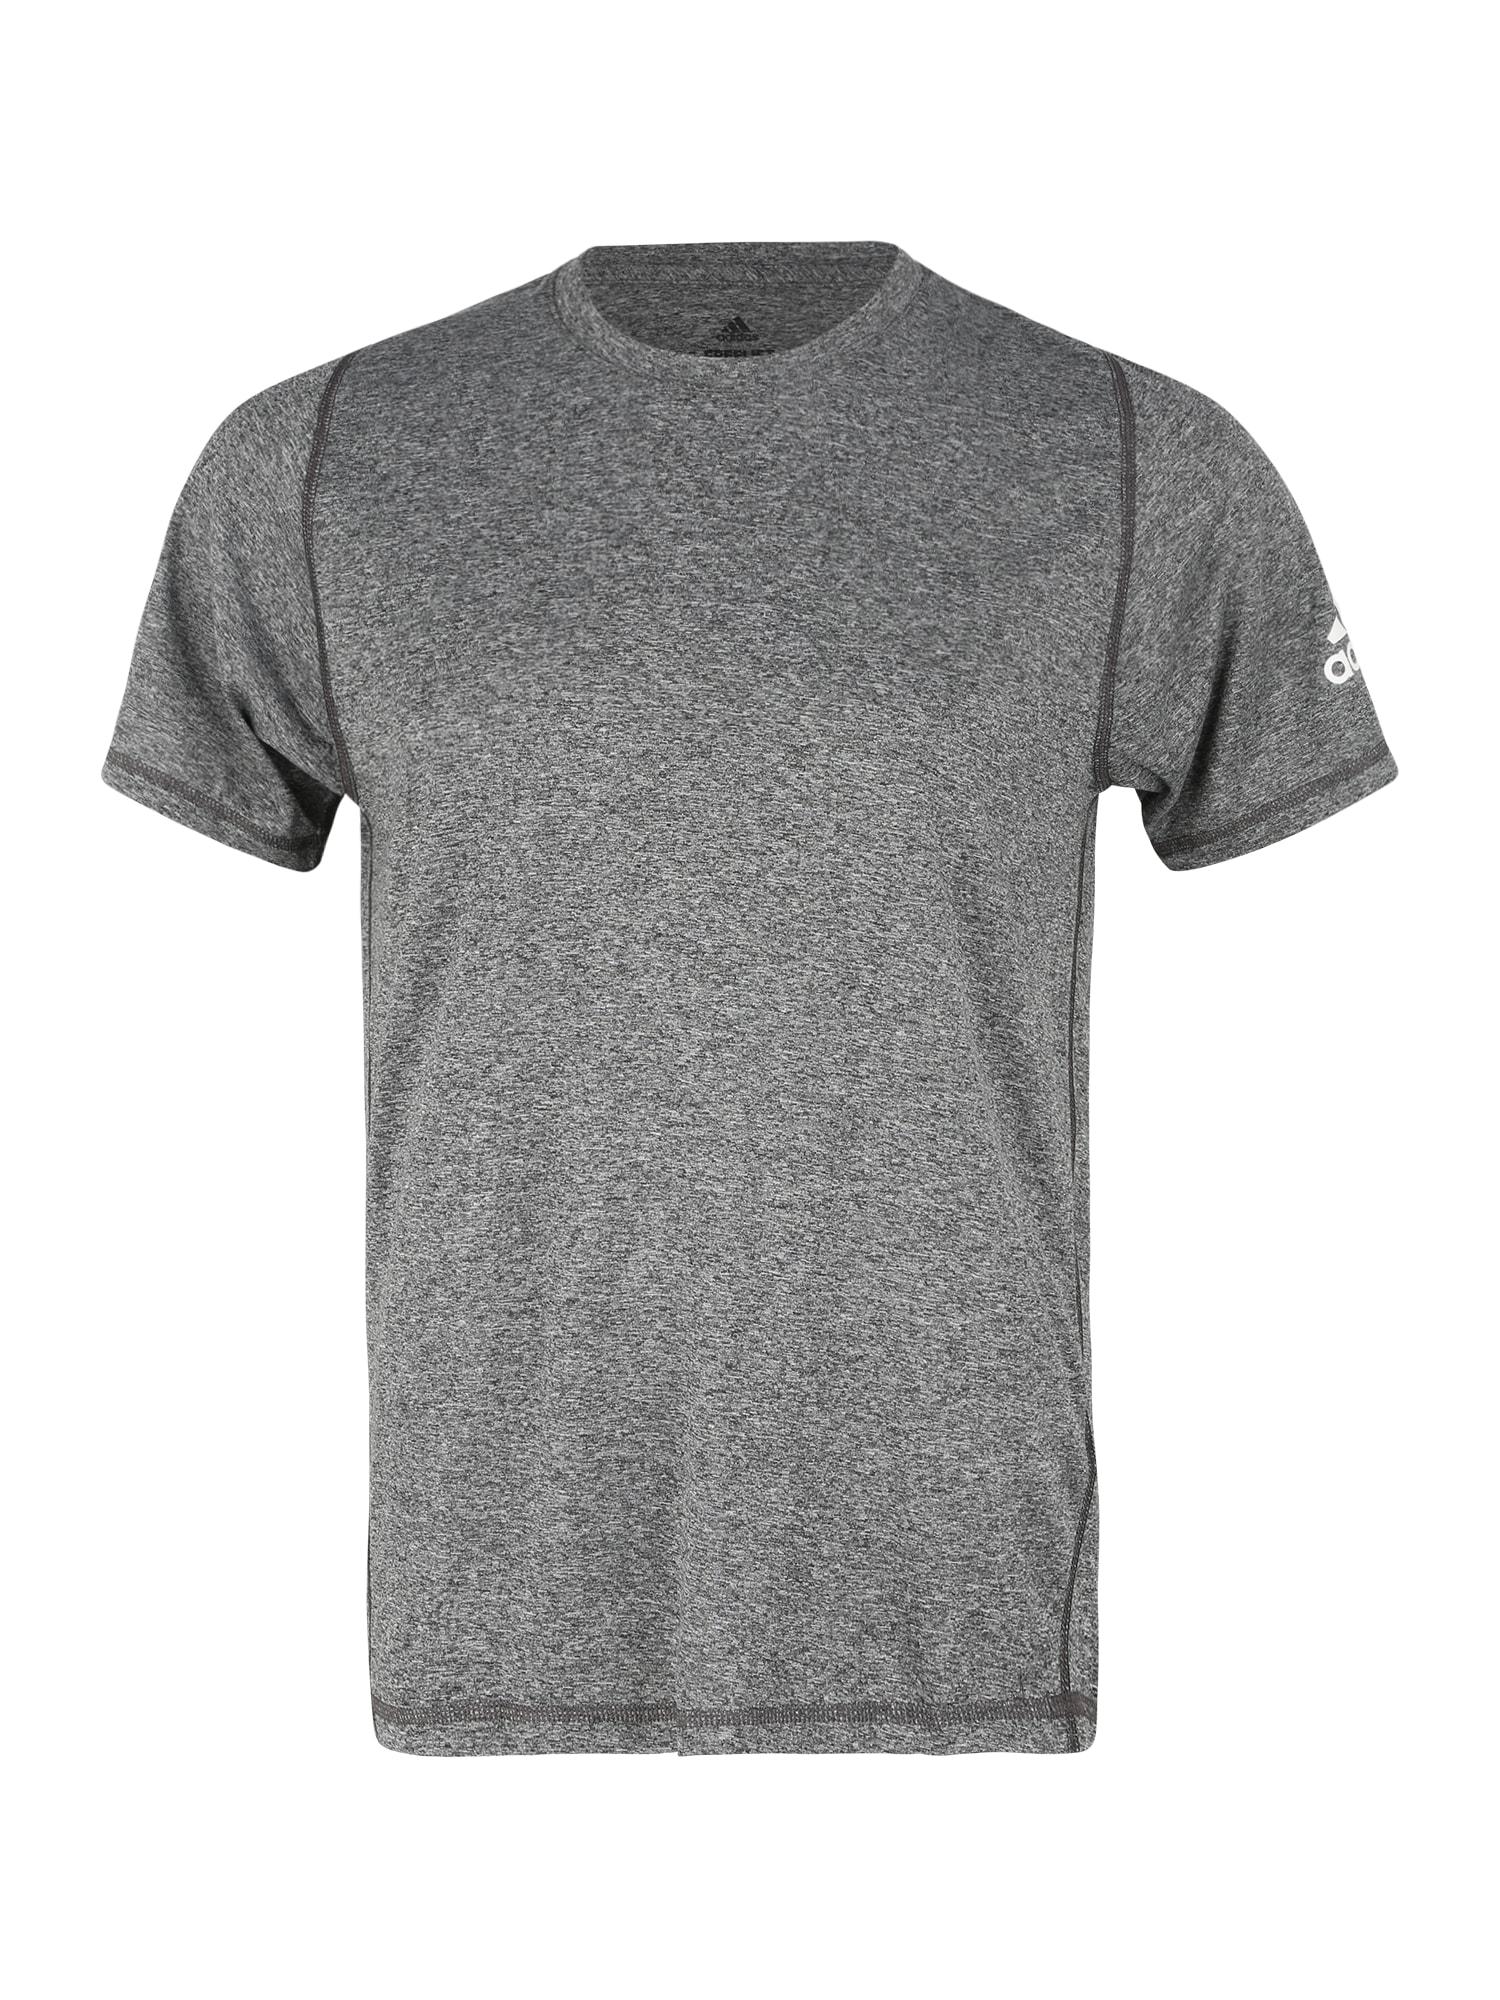 ADIDAS PERFORMANCE Sportiniai marškinėliai 'FL_SPR X UL HEA' tamsiai pilka